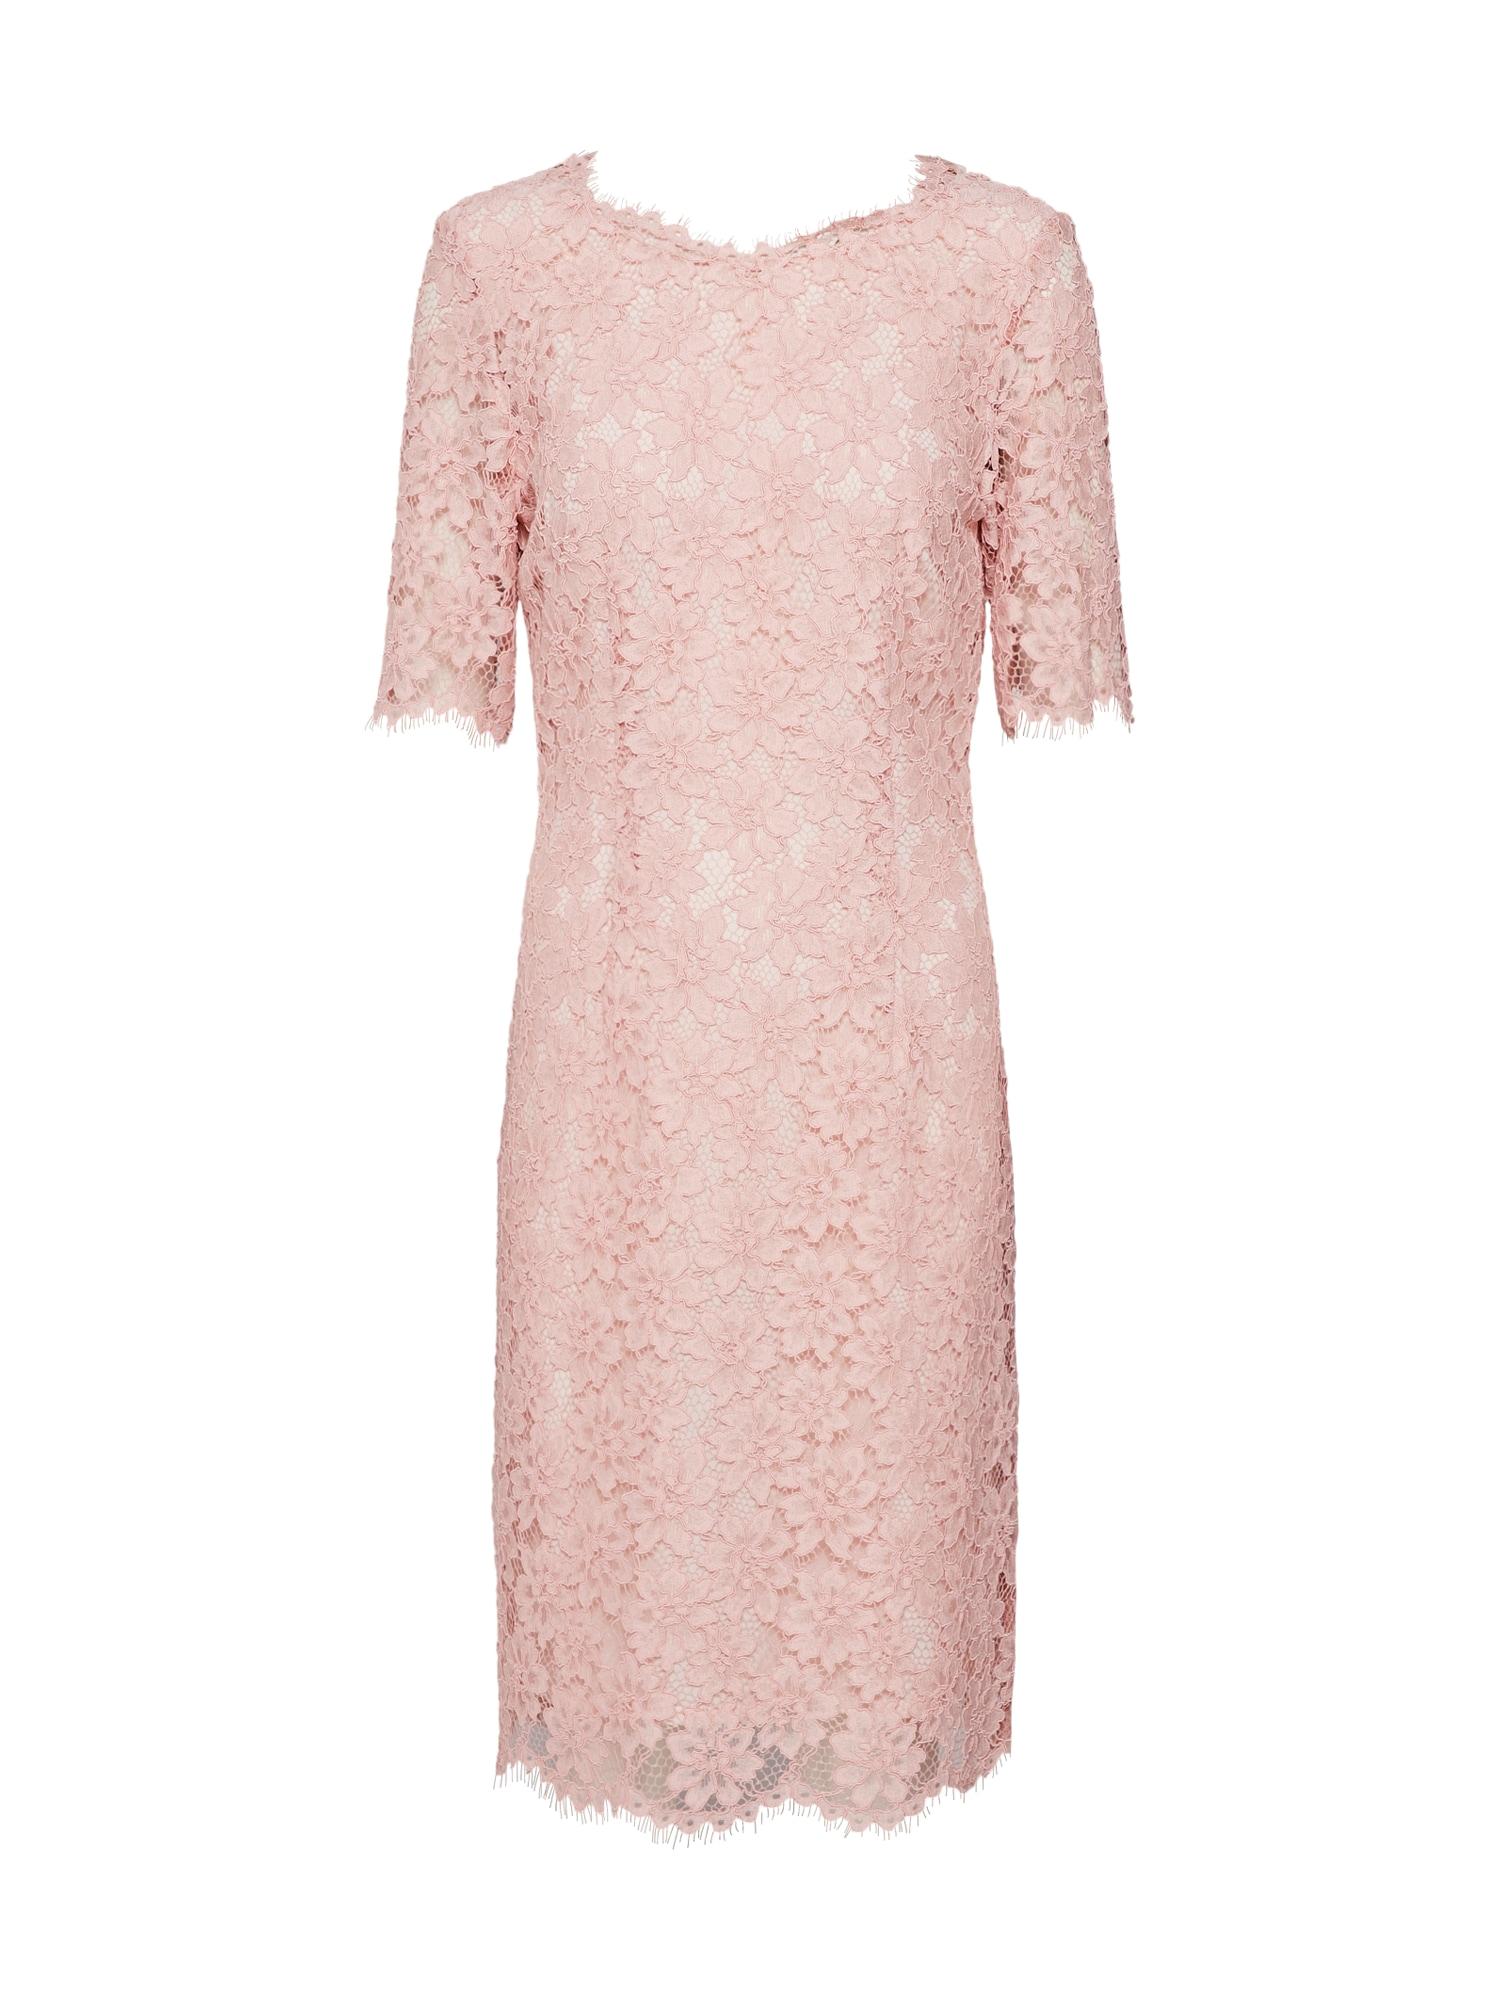 Šaty Kalissy růžová HUGO